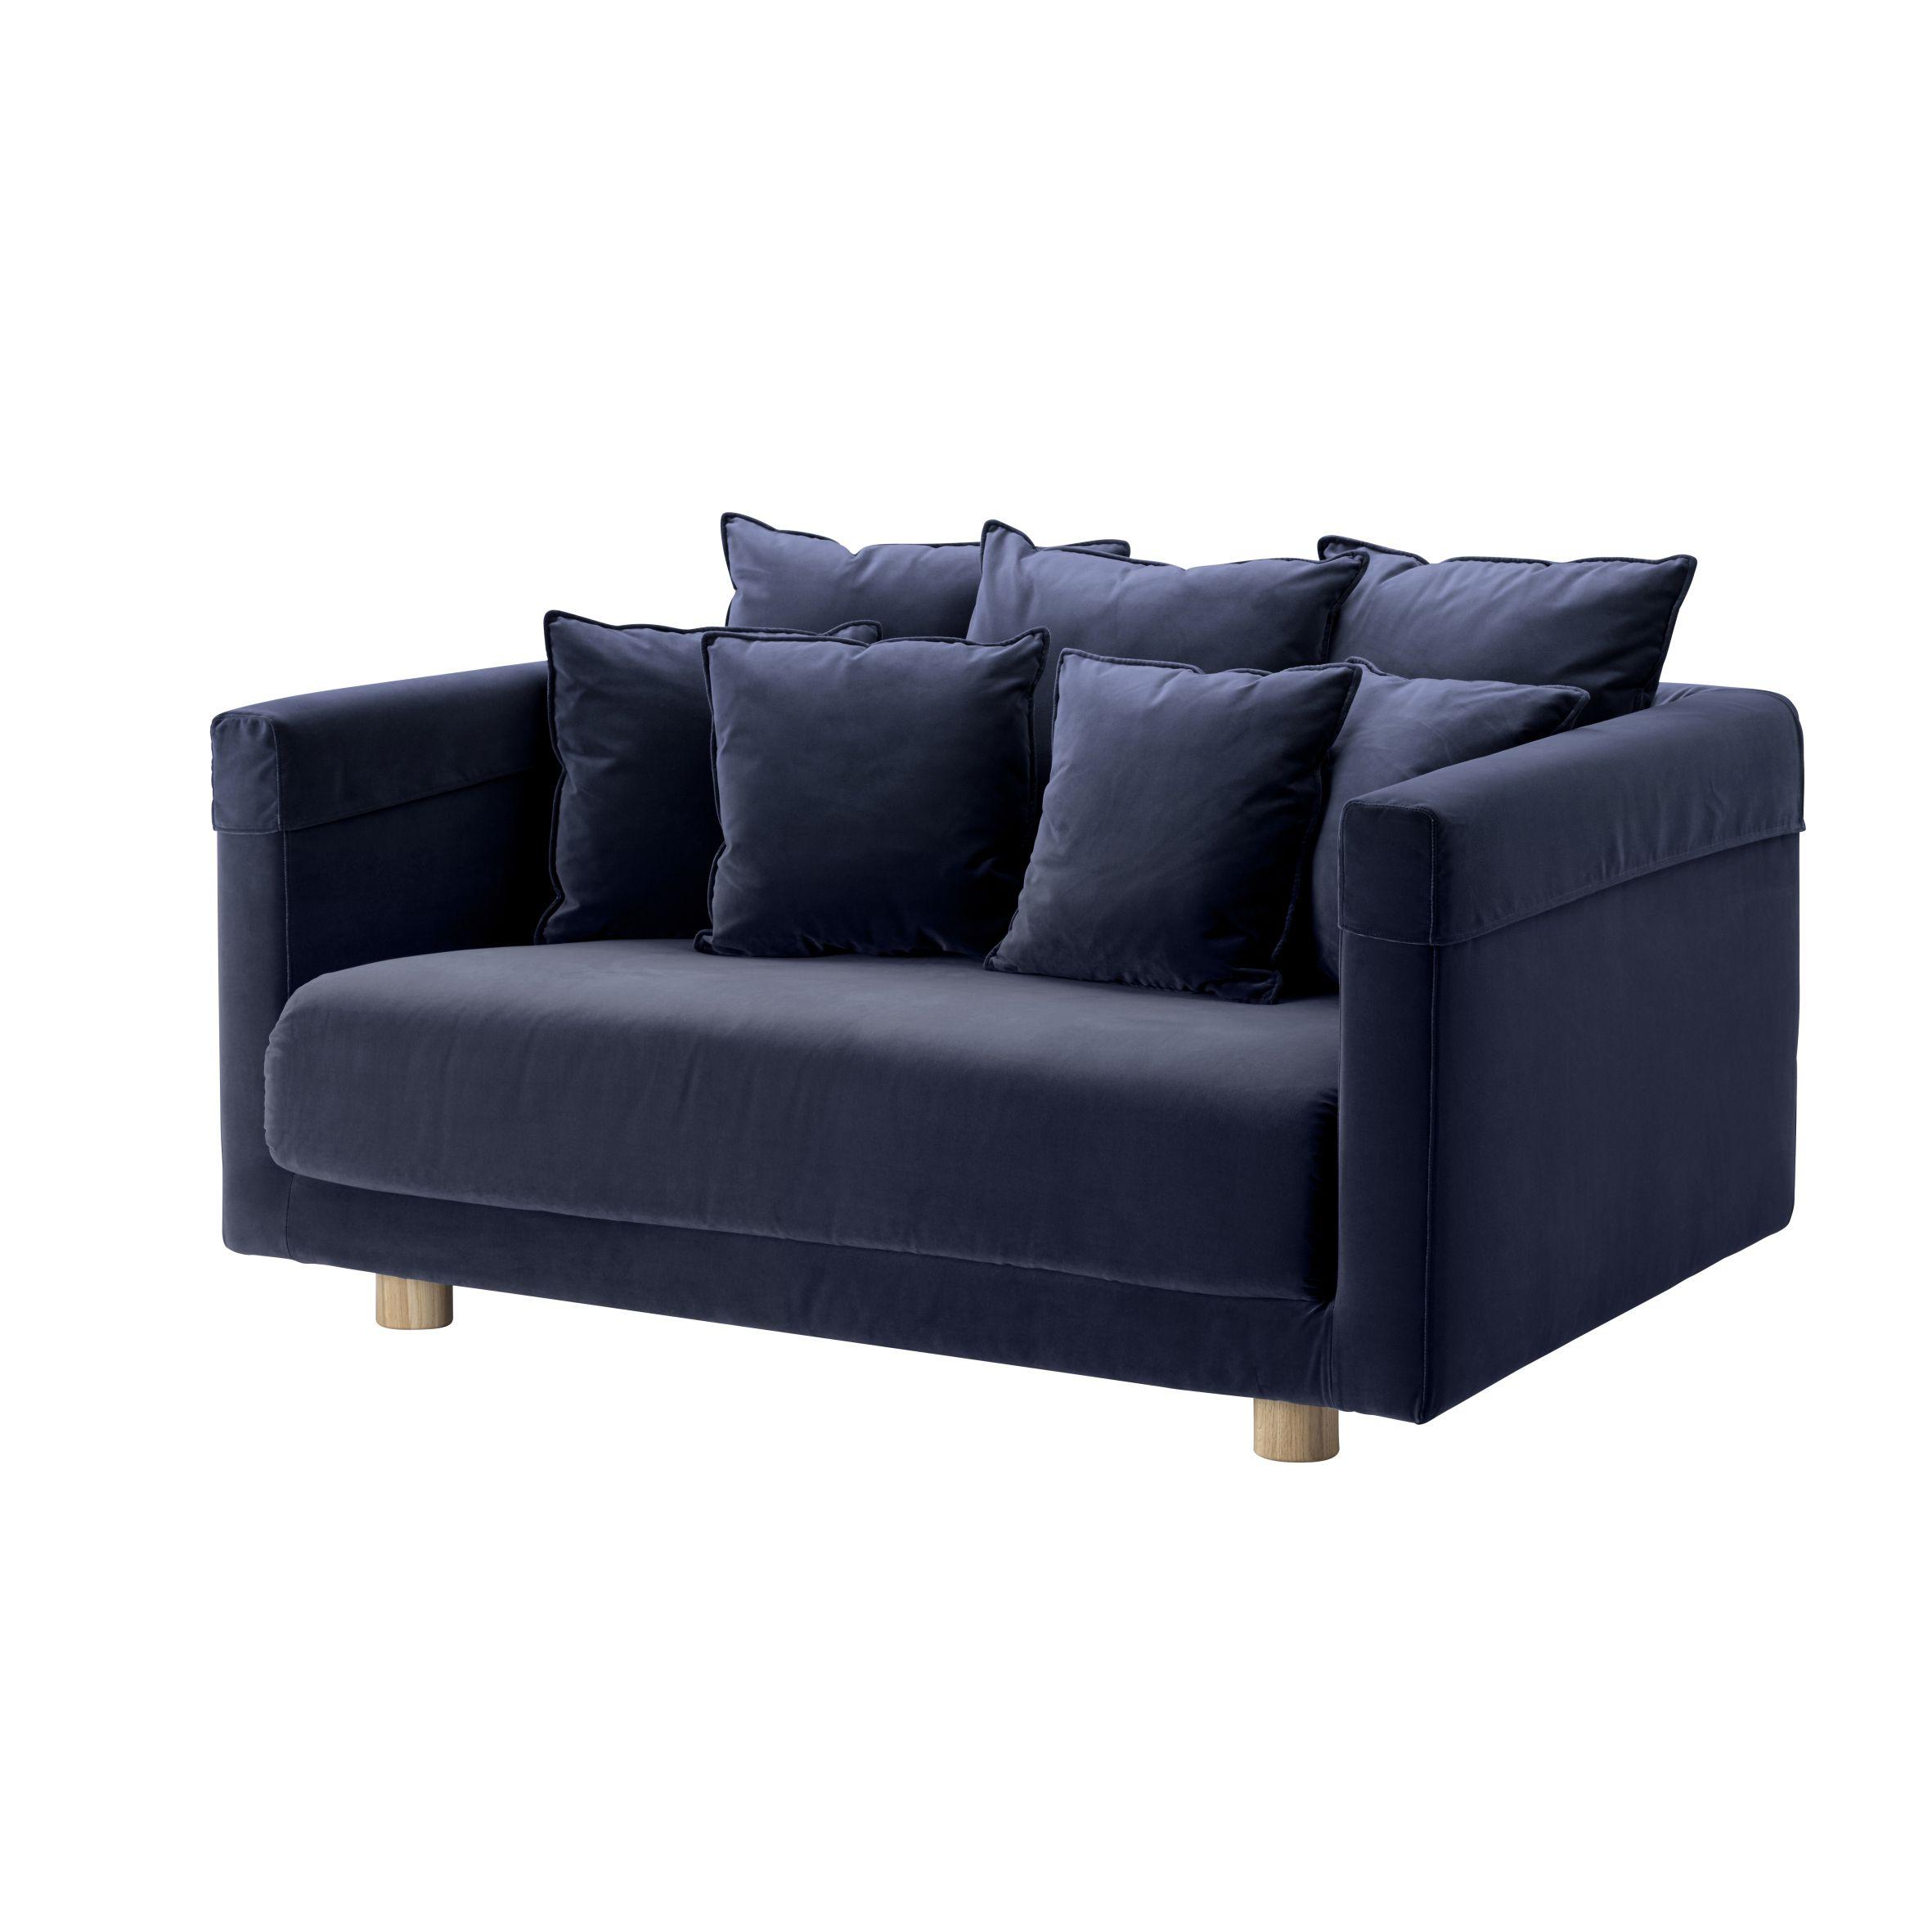 14cc0d3849c28ead617c1af5db7896cb Luxe De Table Basse Convertible Ikea Des Idées